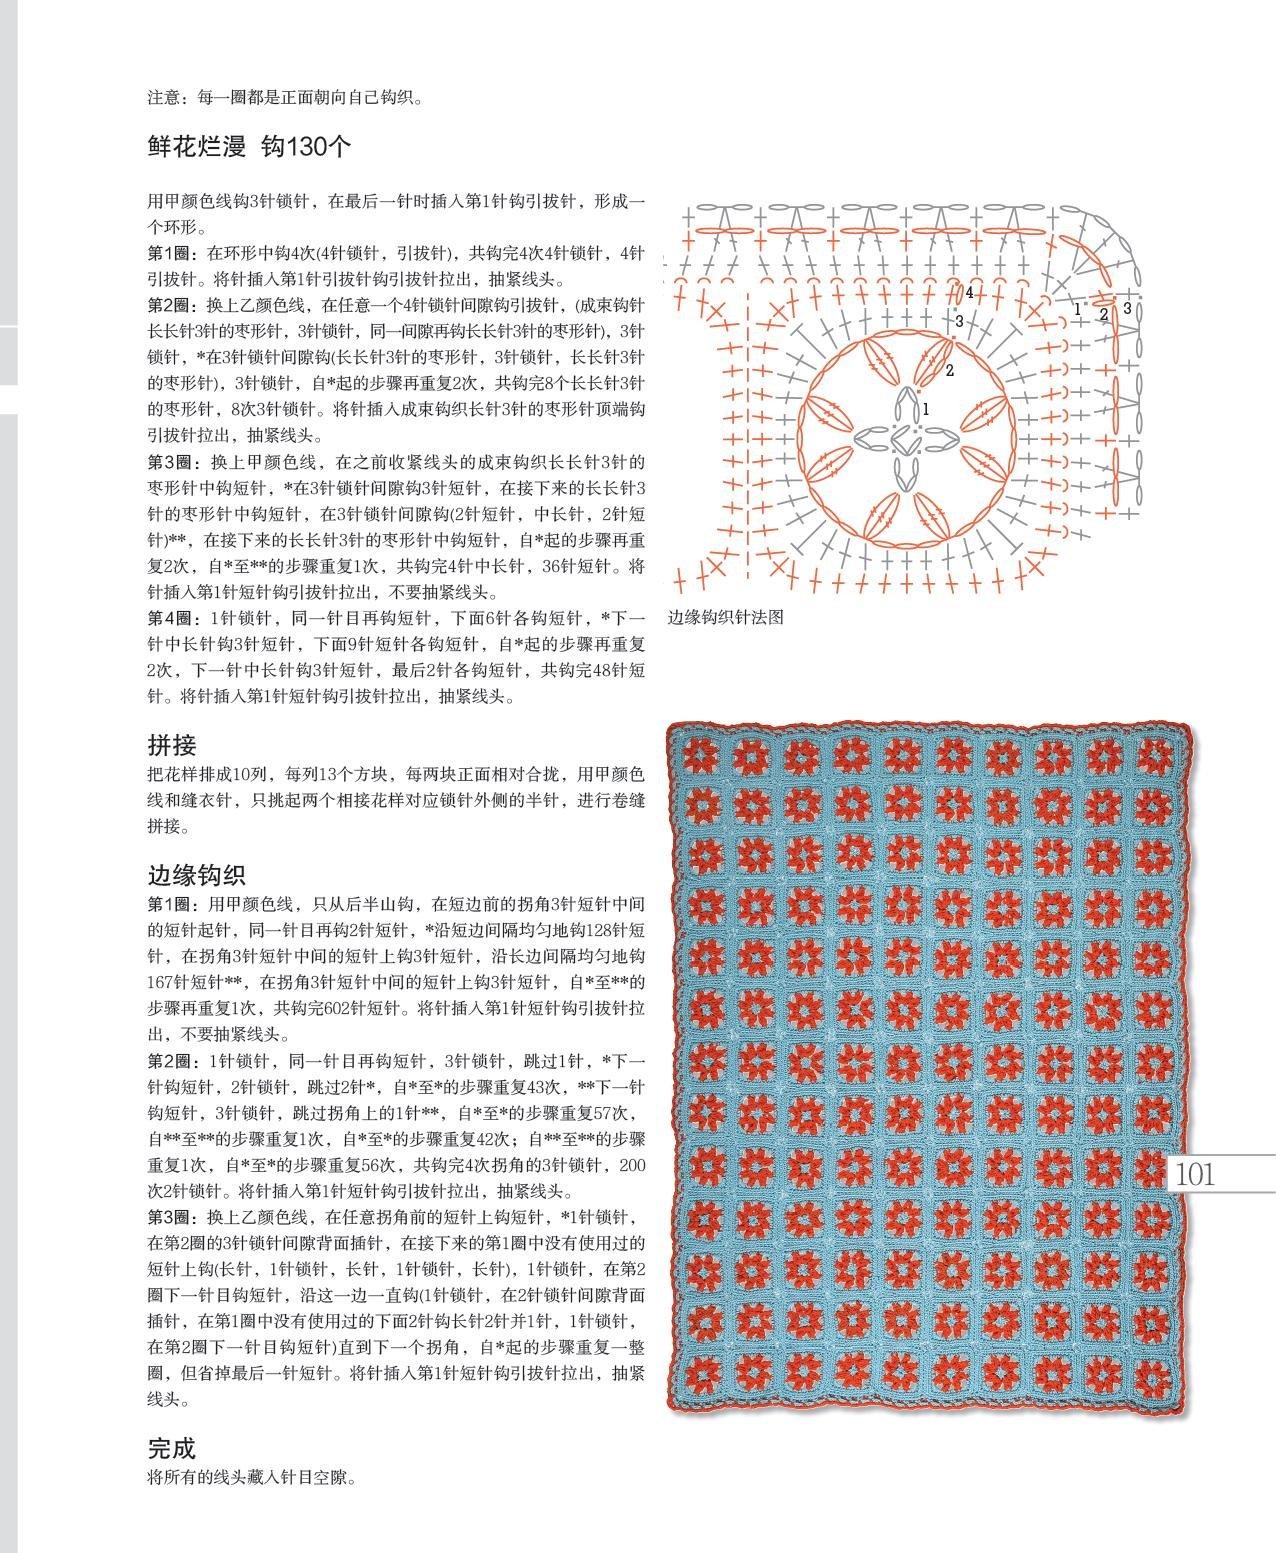 永不过时的祖母拼花毯钩编内文-101.jpg